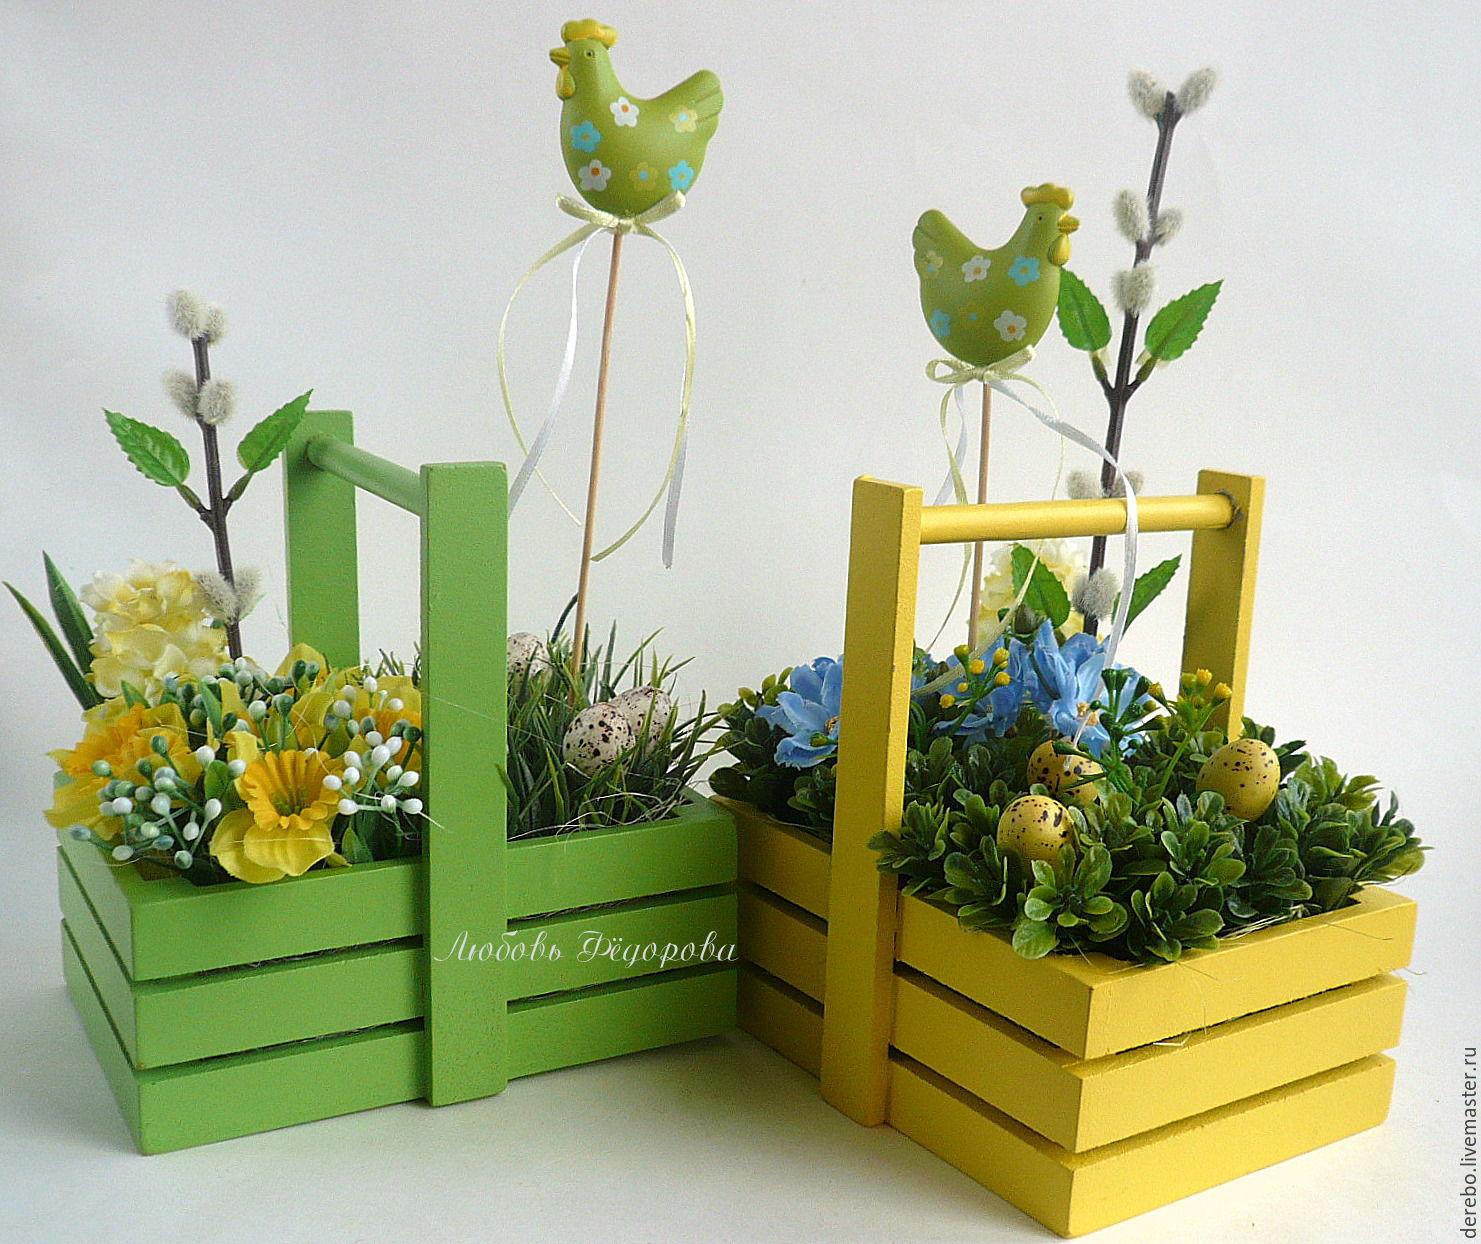 Красивые композиции из живых цветов в коробке + 110 фото